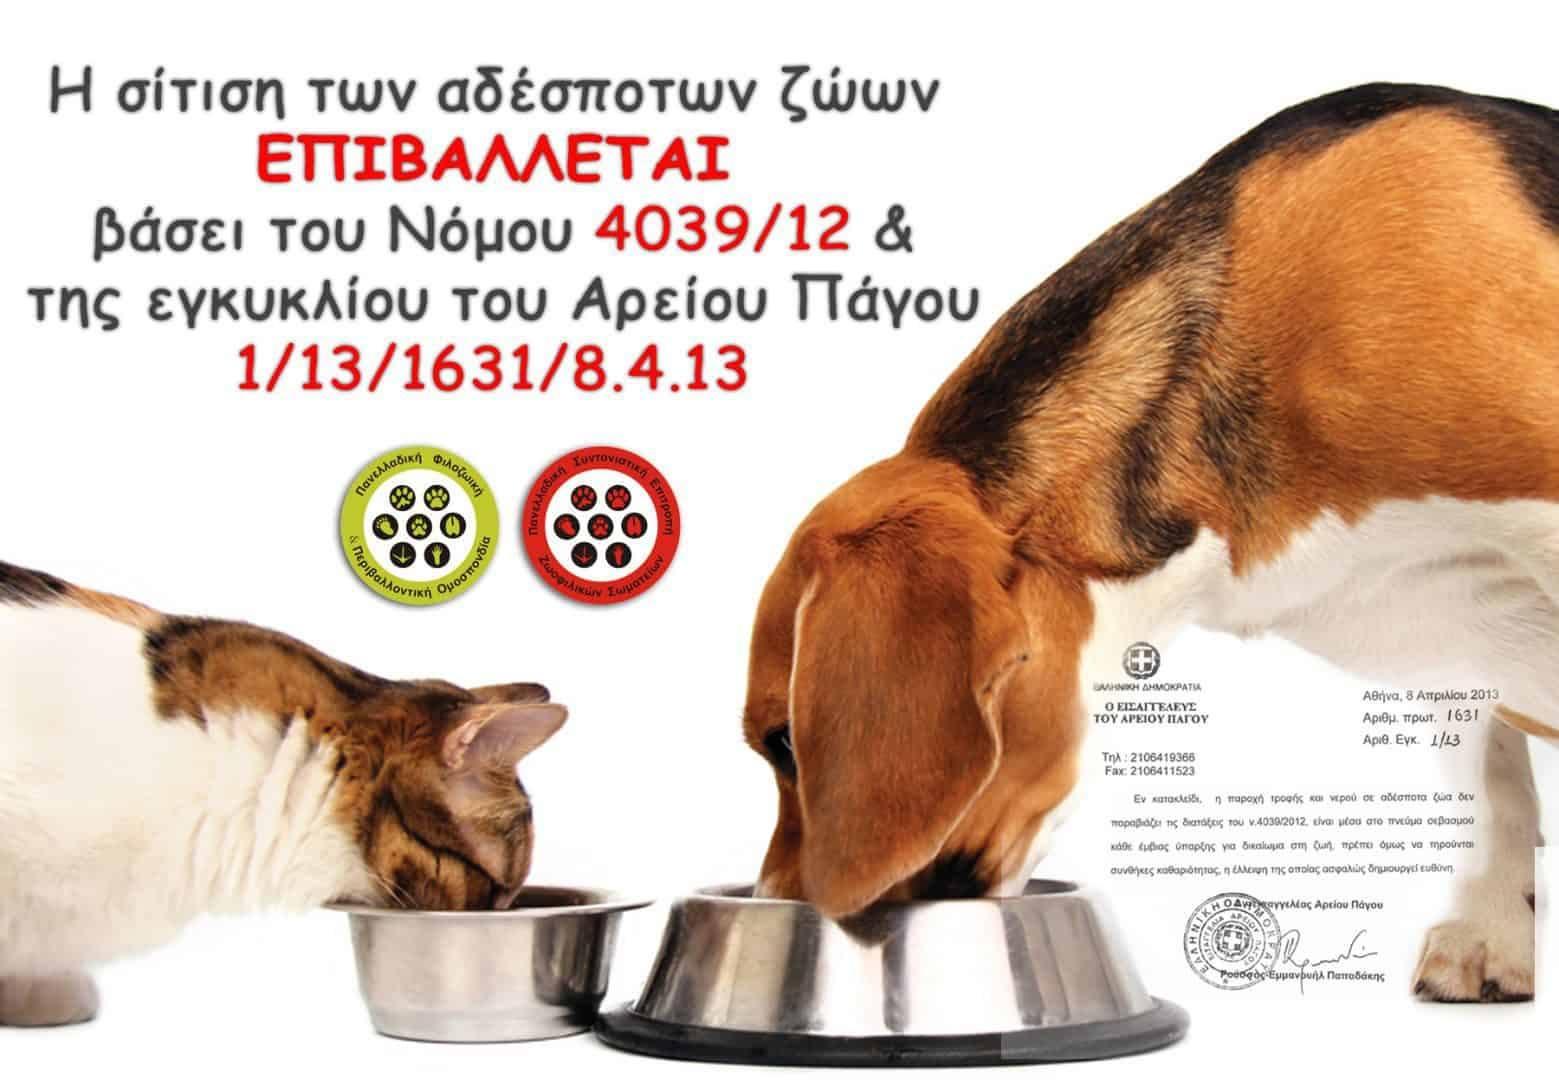 Ποινή έξι μηνών για άνδρα που παρεμπόδιζε το ταΐσμα αδέσποτων ζώων